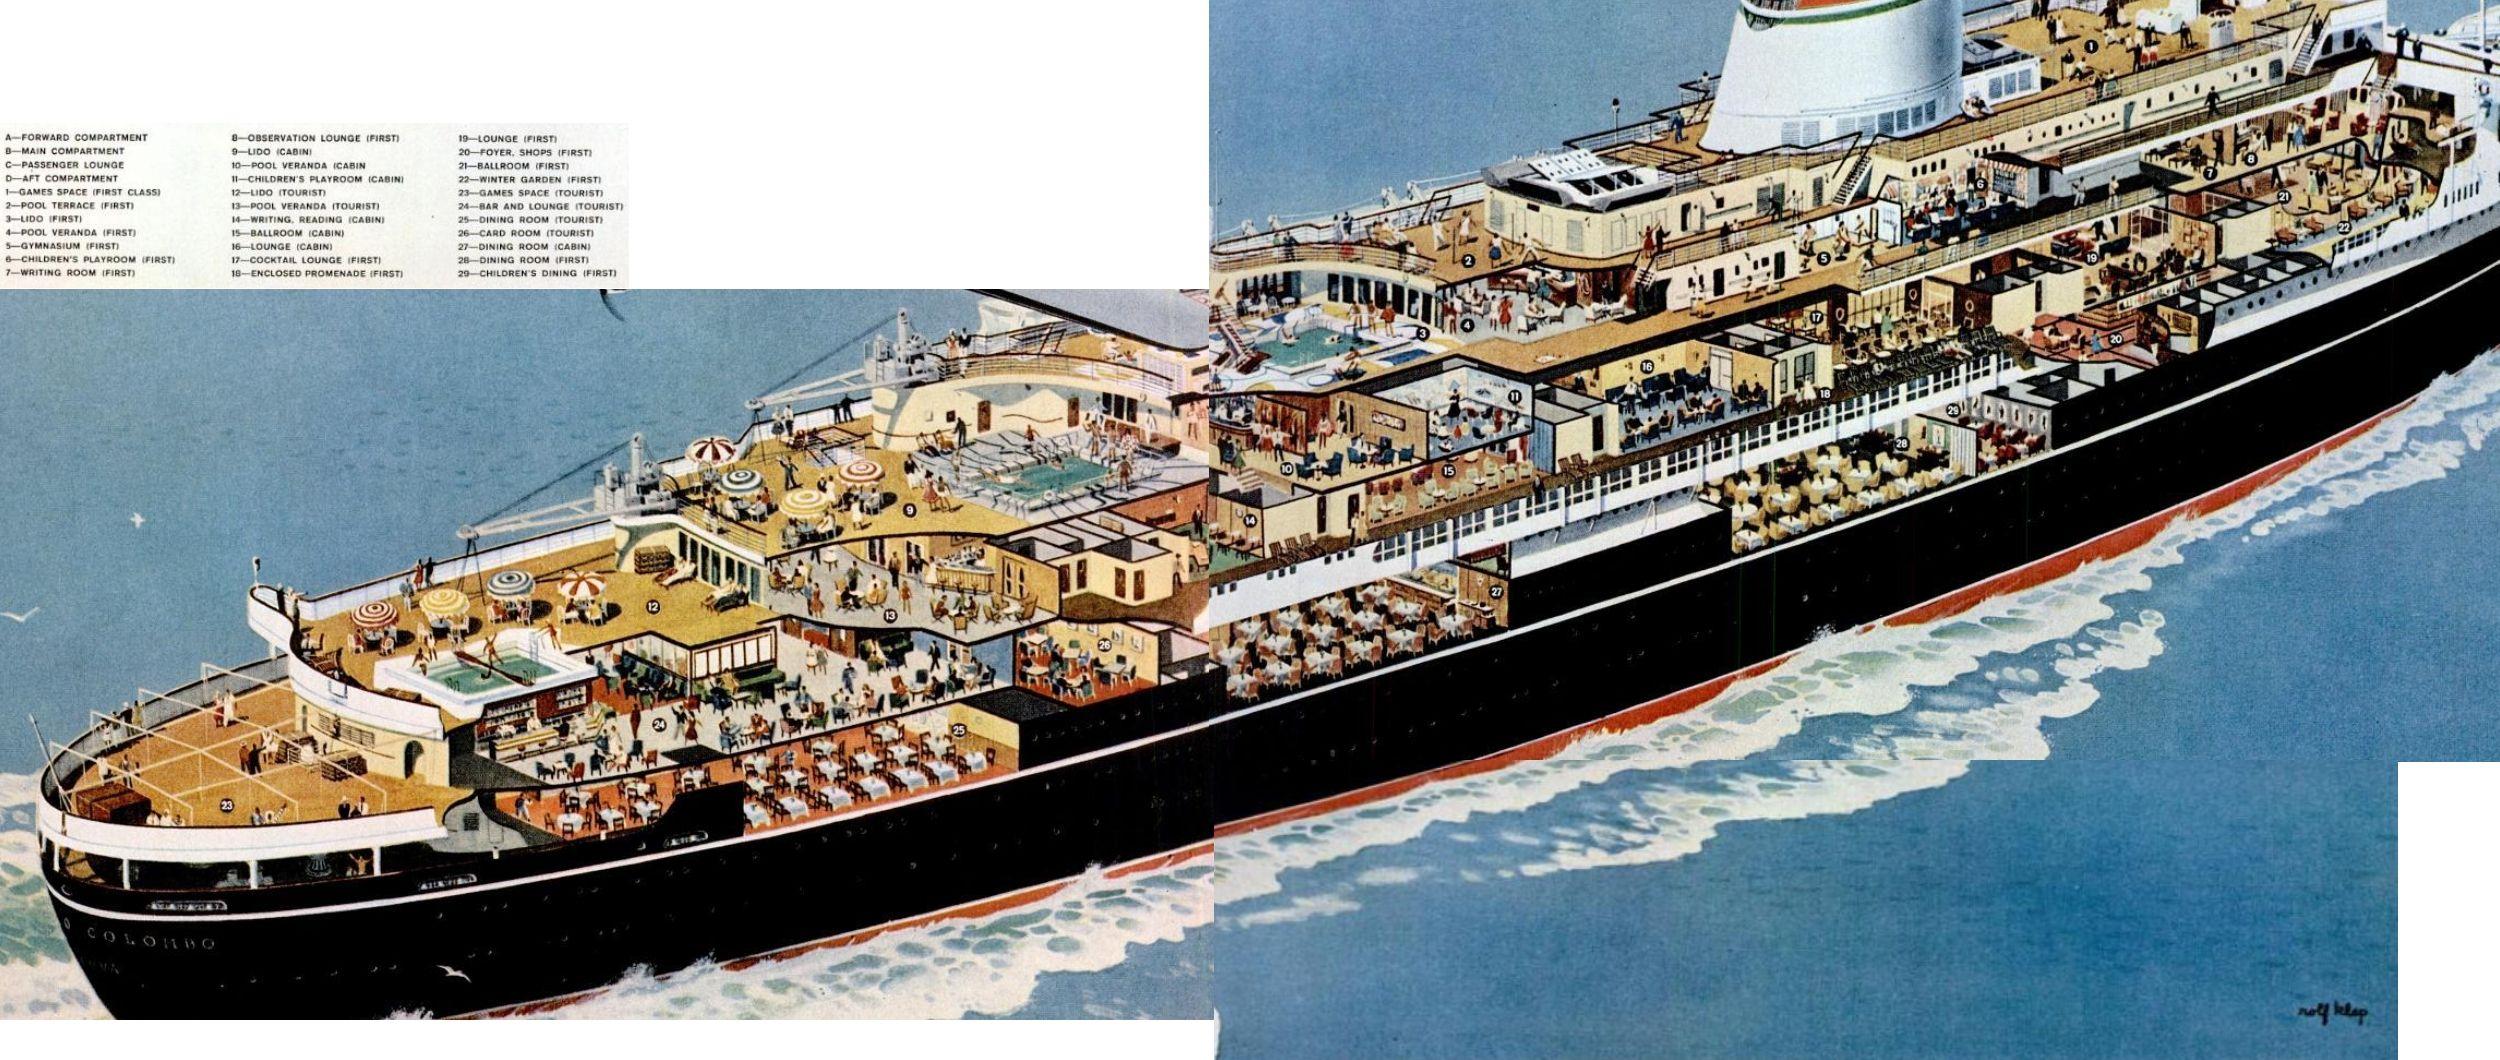 OceanlinerCristoforoColumboCutawayjpg Ships - Columbo cruise ship